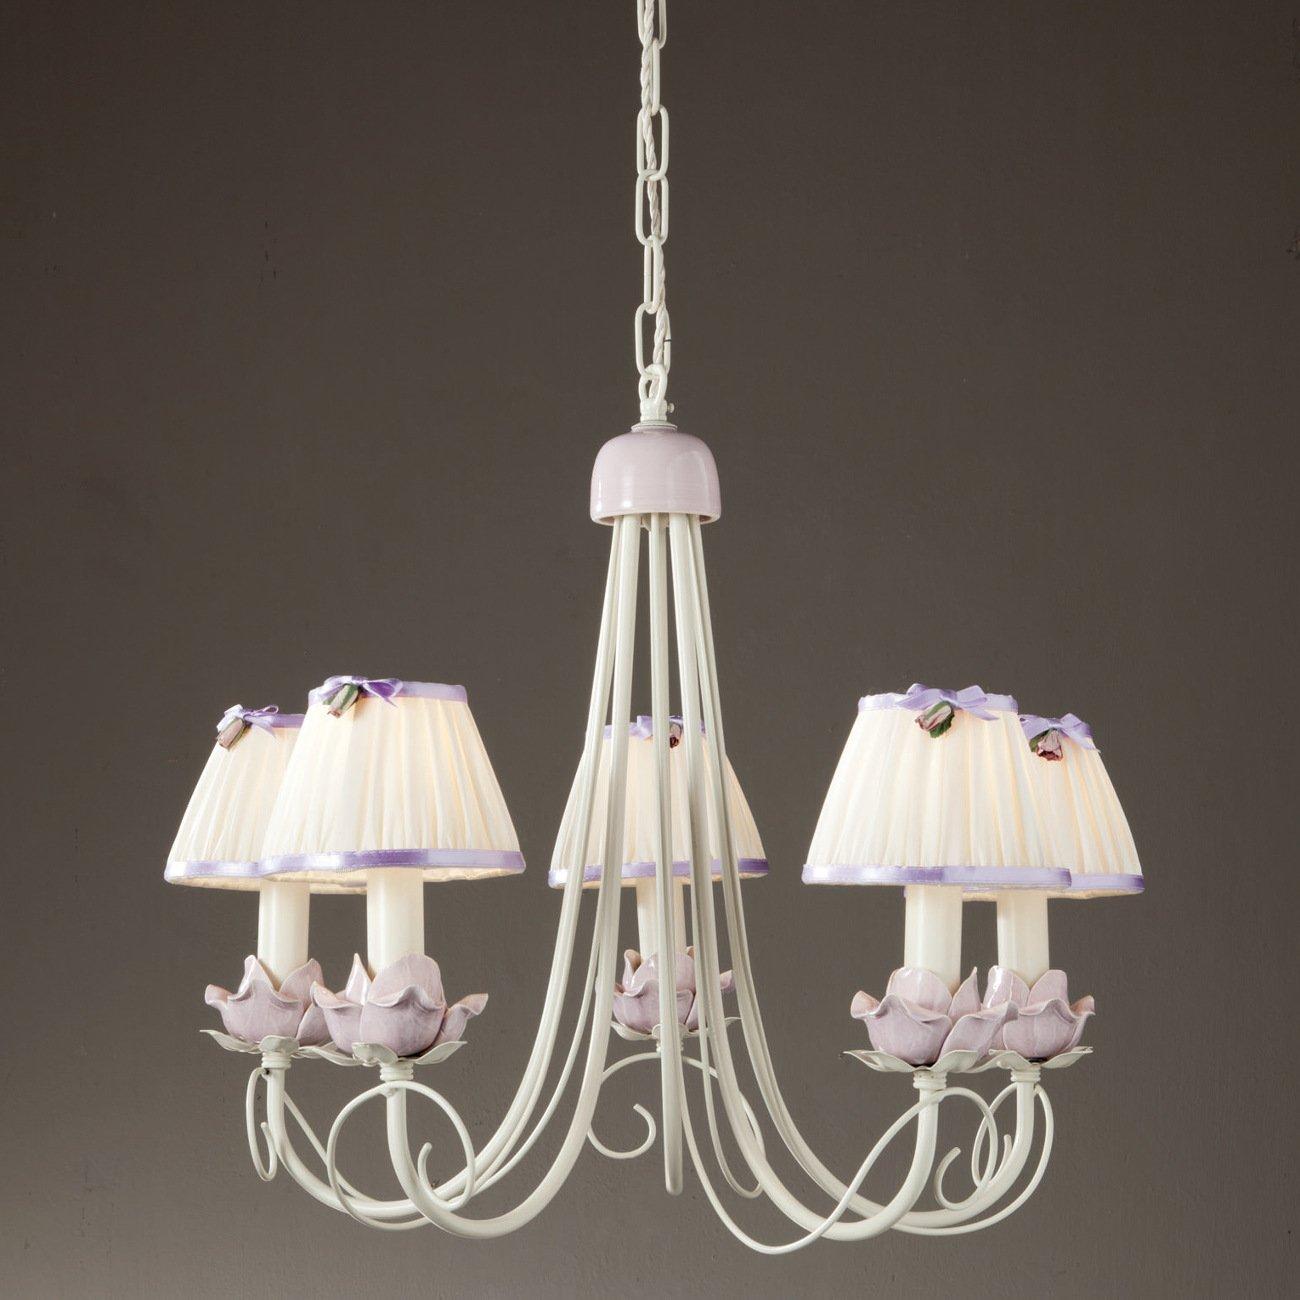 blumiger landhaus leuchter. Black Bedroom Furniture Sets. Home Design Ideas